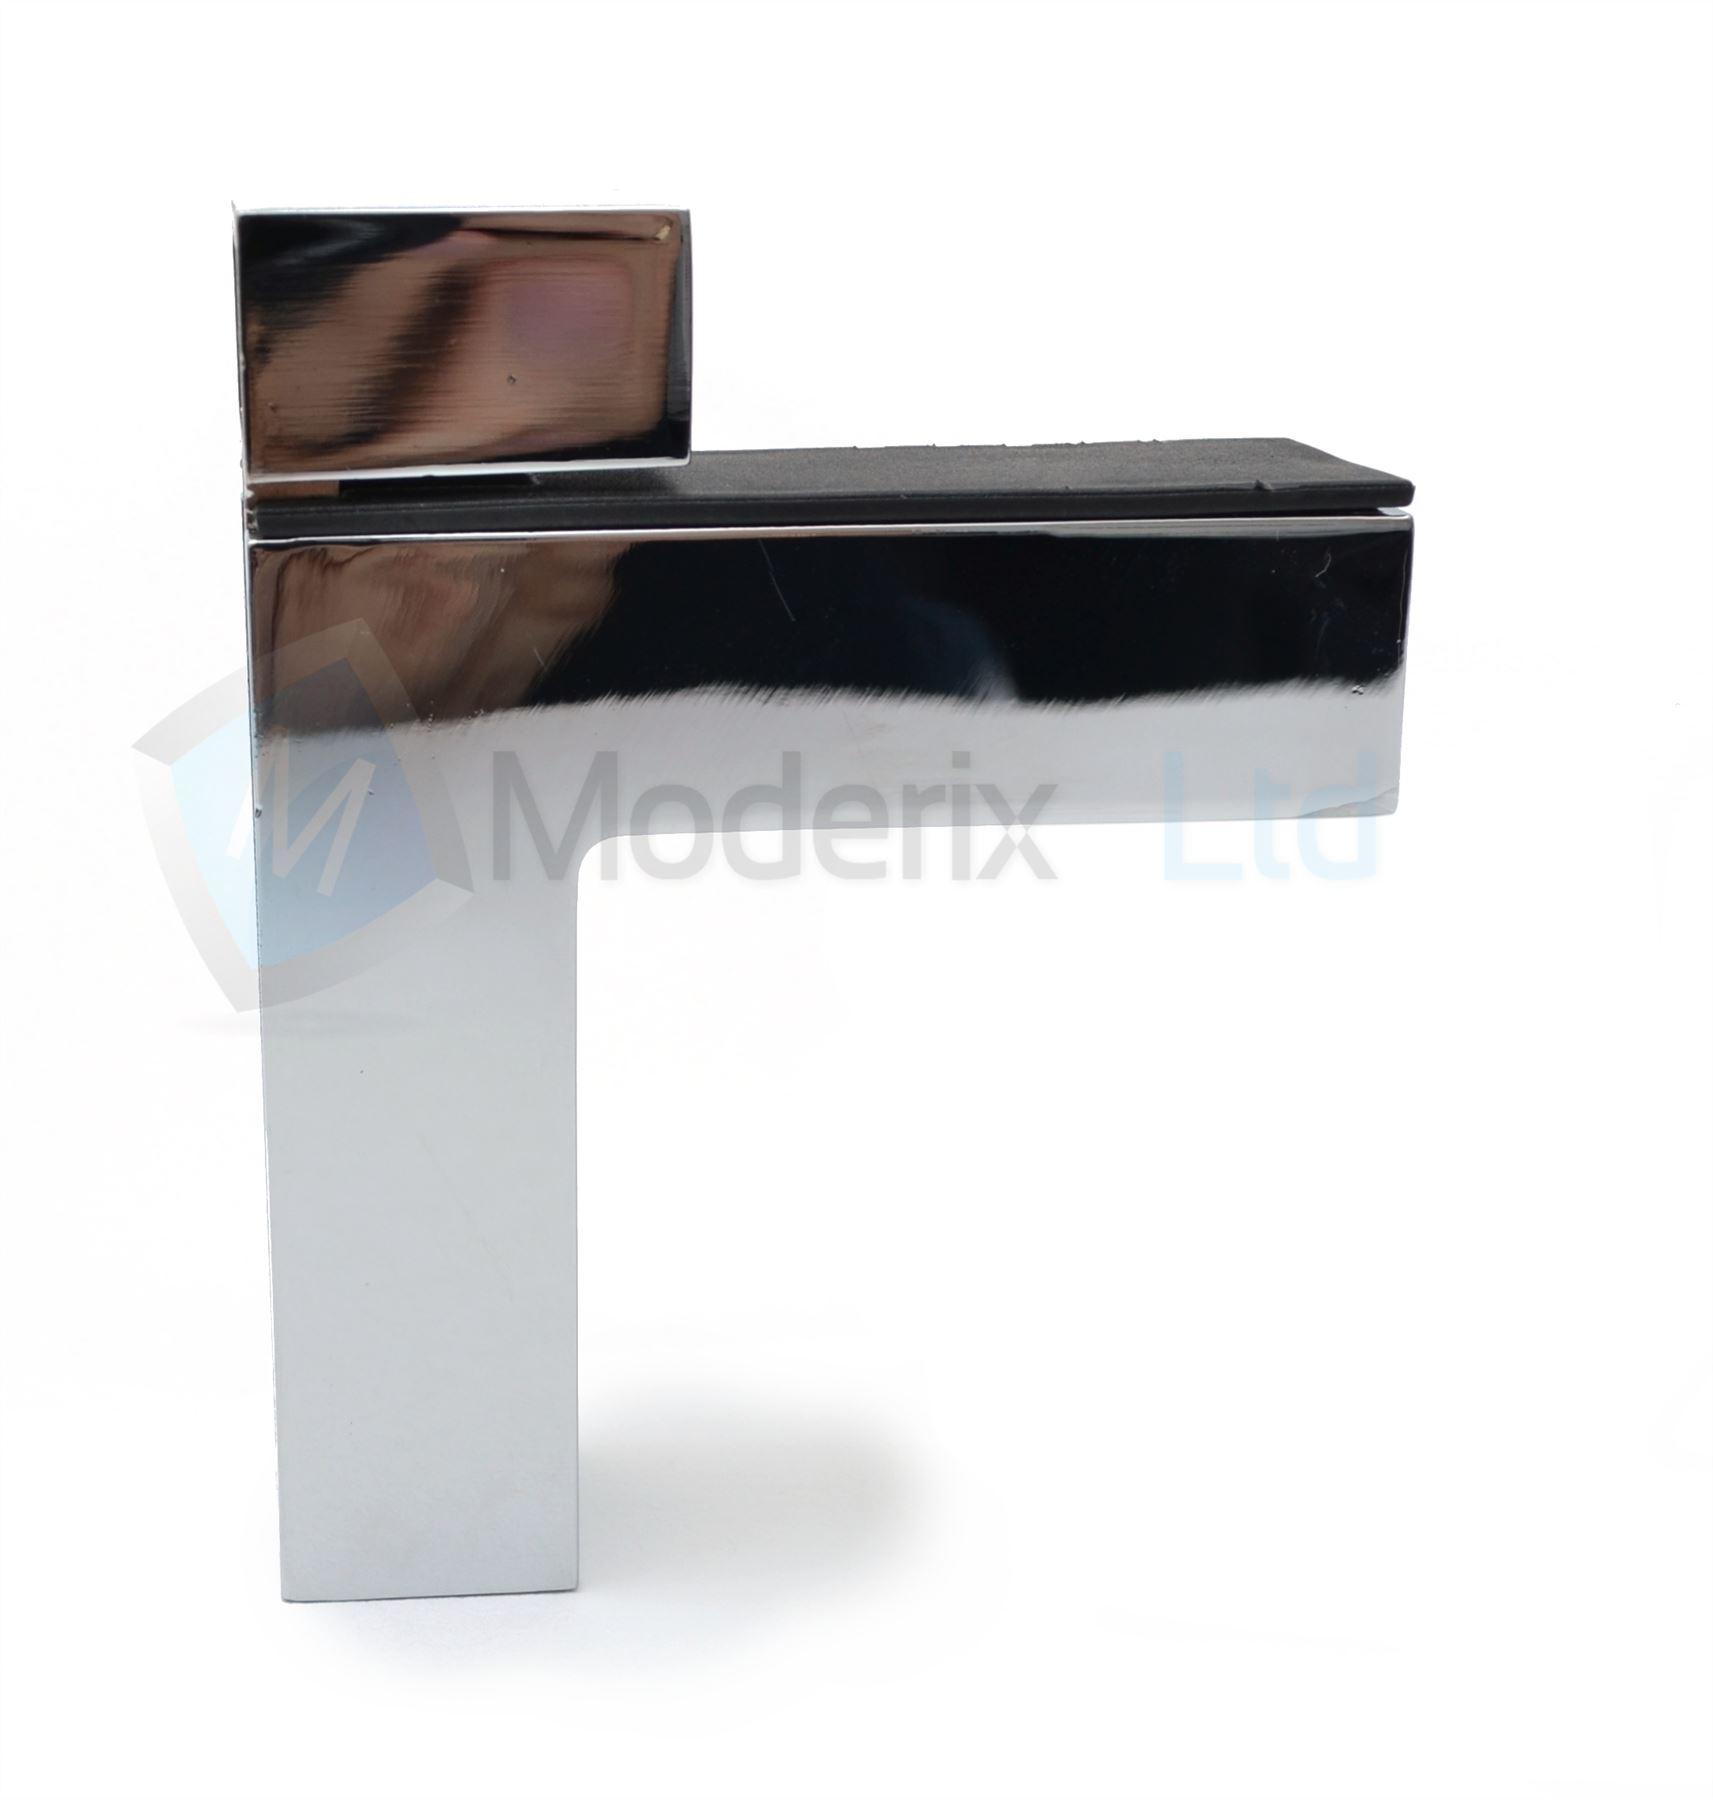 chrome nickel shelf bracket glass shelf support 2 45mm. Black Bedroom Furniture Sets. Home Design Ideas